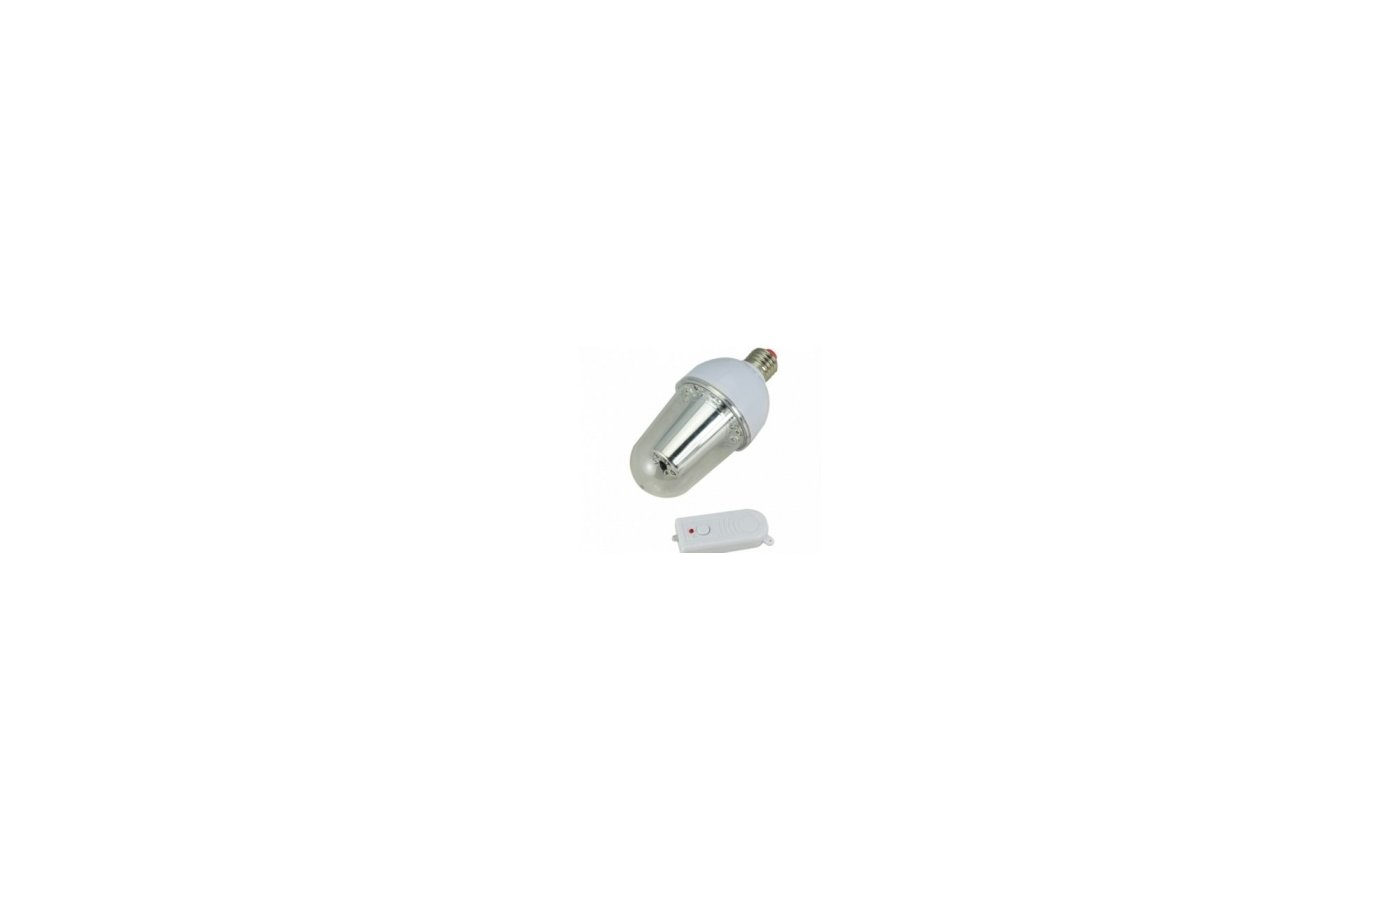 прибор для управления освещением LEOMAX Светодиодная лампа с аккумулятором с пультом ДУ YD 80